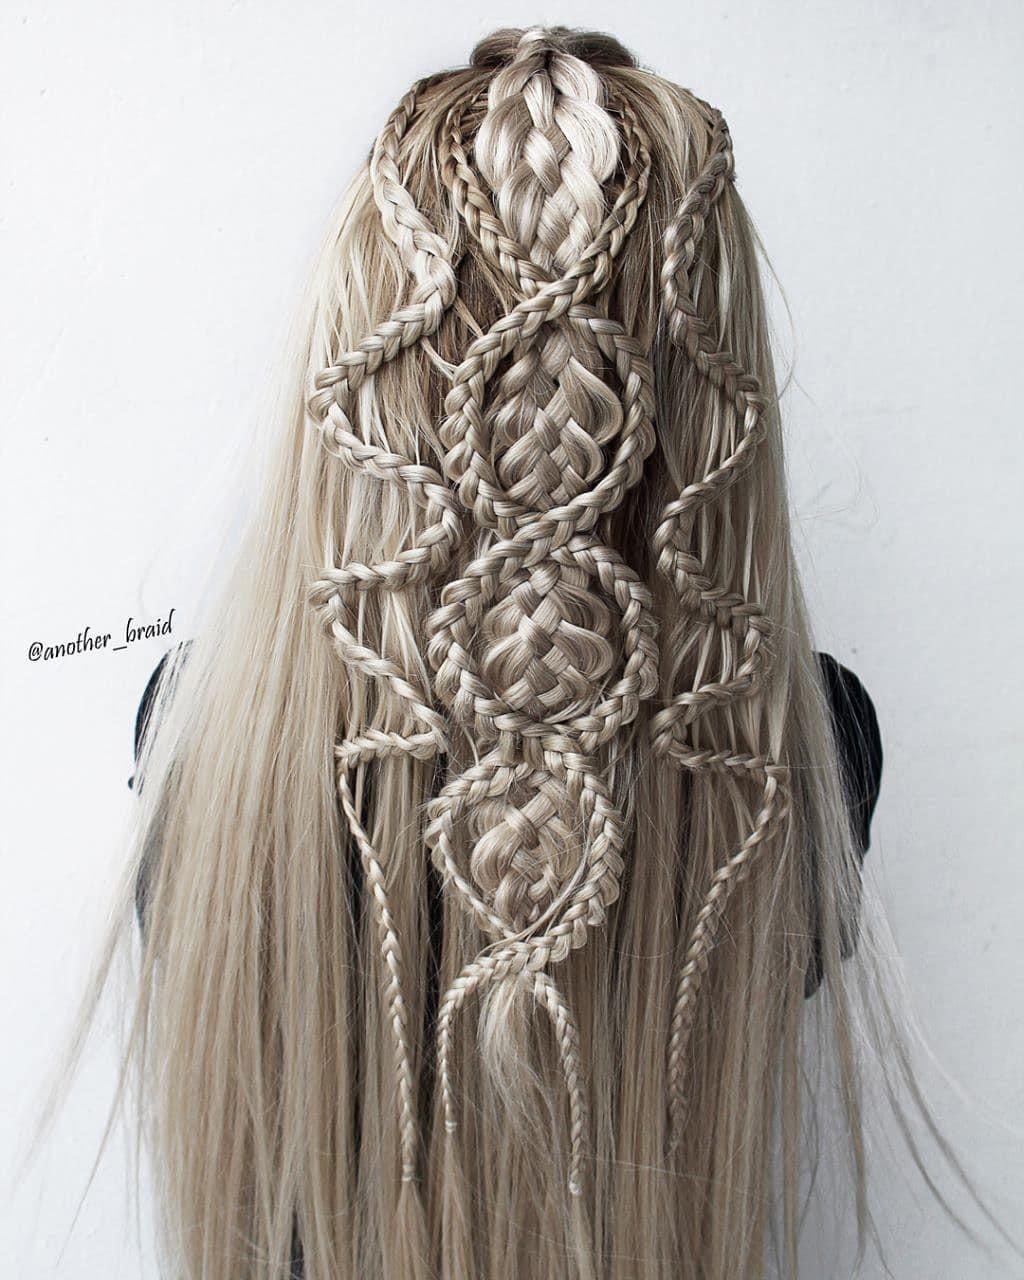 Девушка из Македонии создаёт удивительные косы, которые прославили её на весь мир